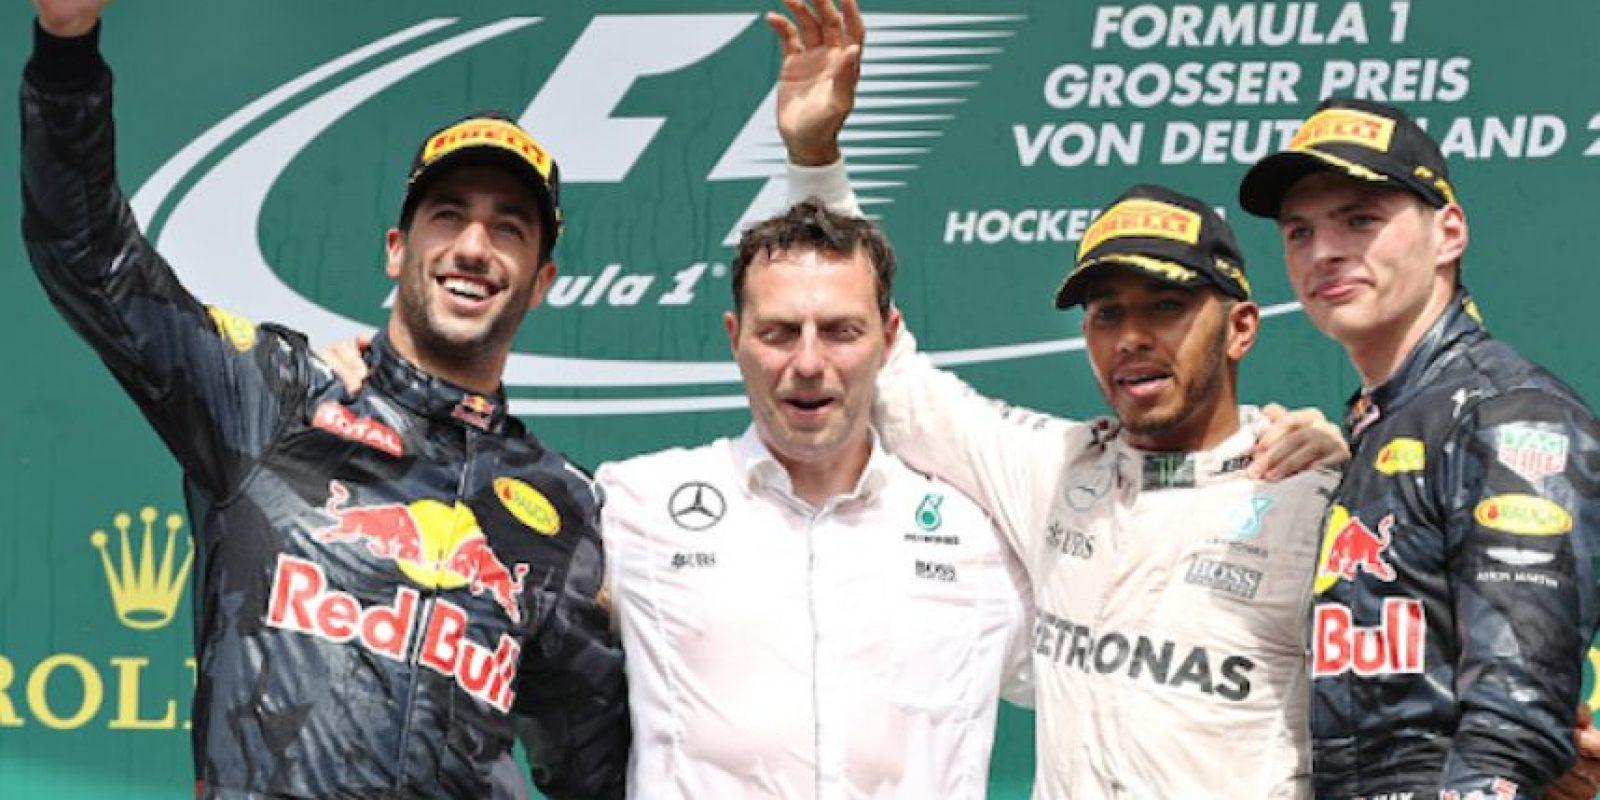 Lewis Hamilton se robó el primer puesto en el Campeonato Mundial. Foto:Getty Images